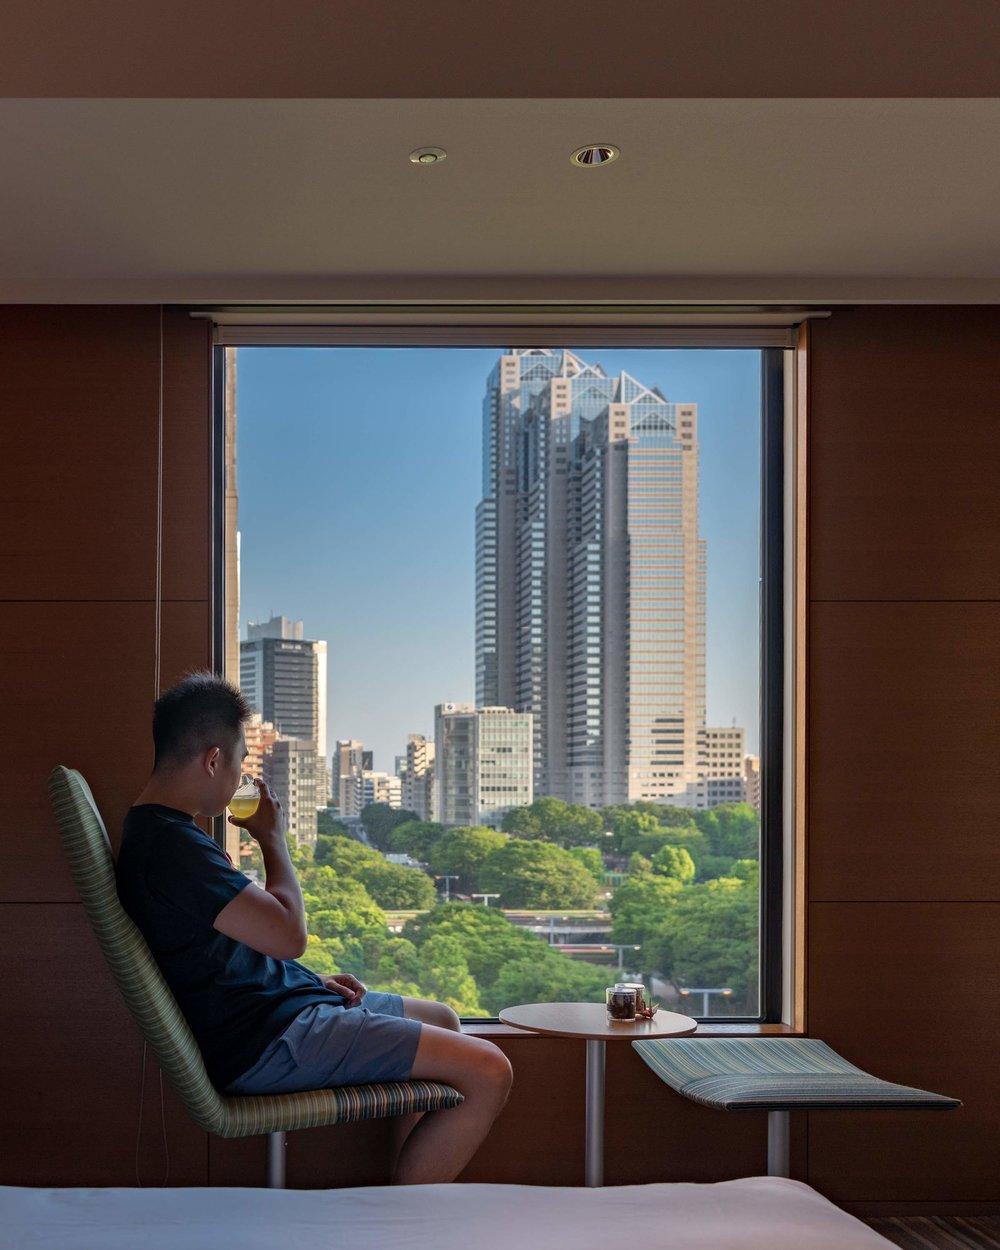 Room with a View  Regency Club Room - Hyatt Regency Tokyo